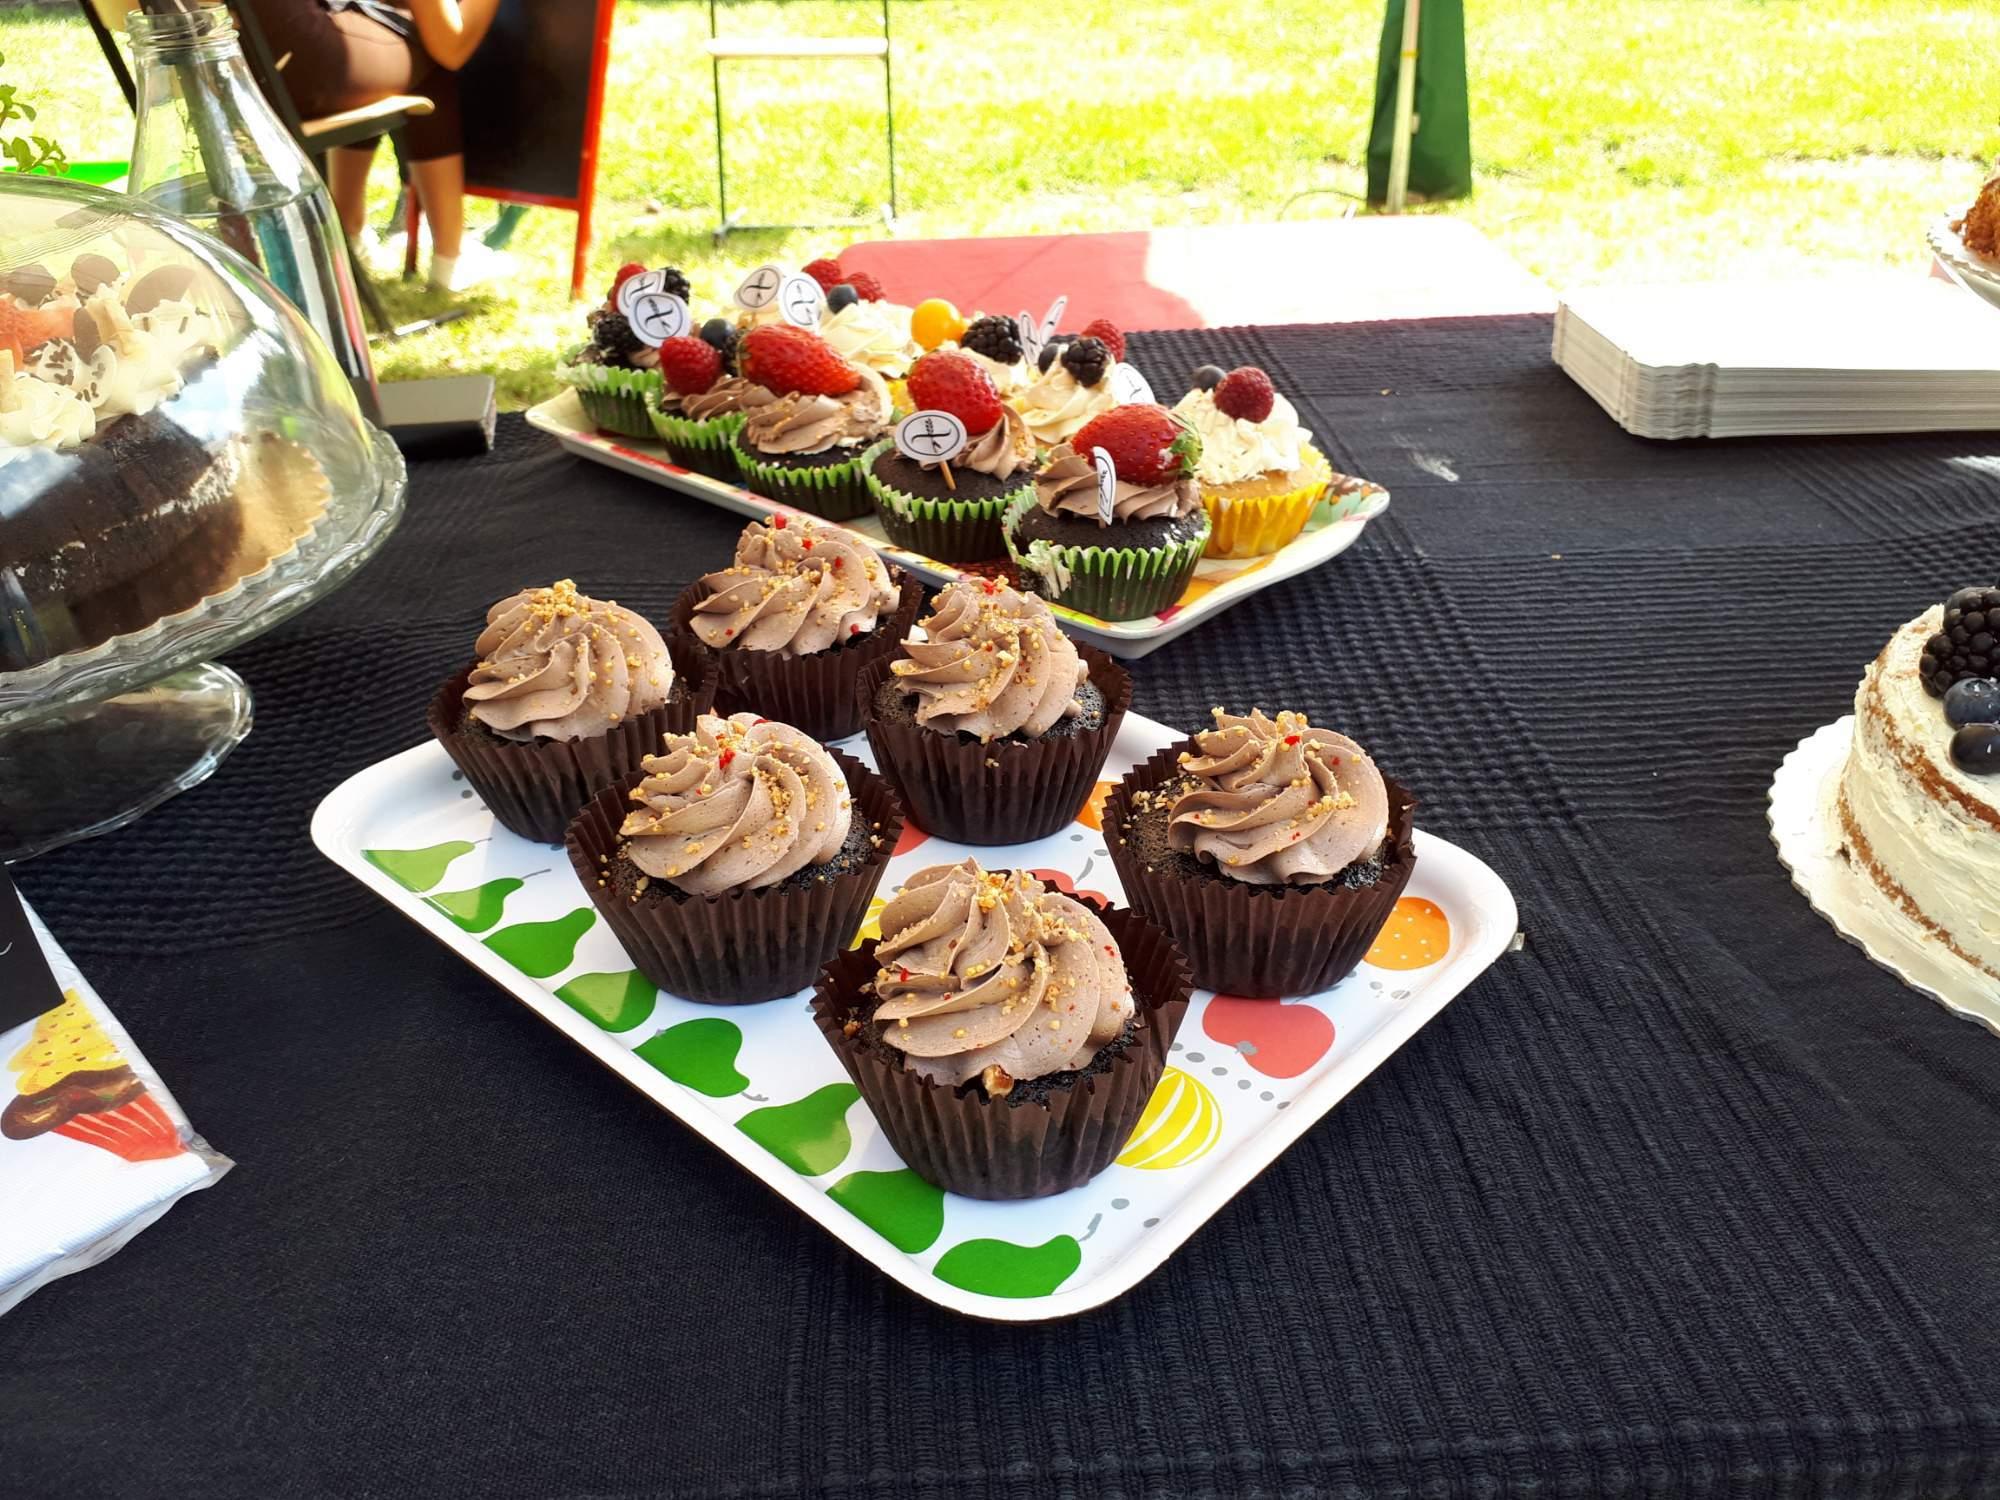 Pro mlsné jazýčky zde byly na výběr stánky s občerstvením, sladkým i slaným. Foto: Jana Blahošová